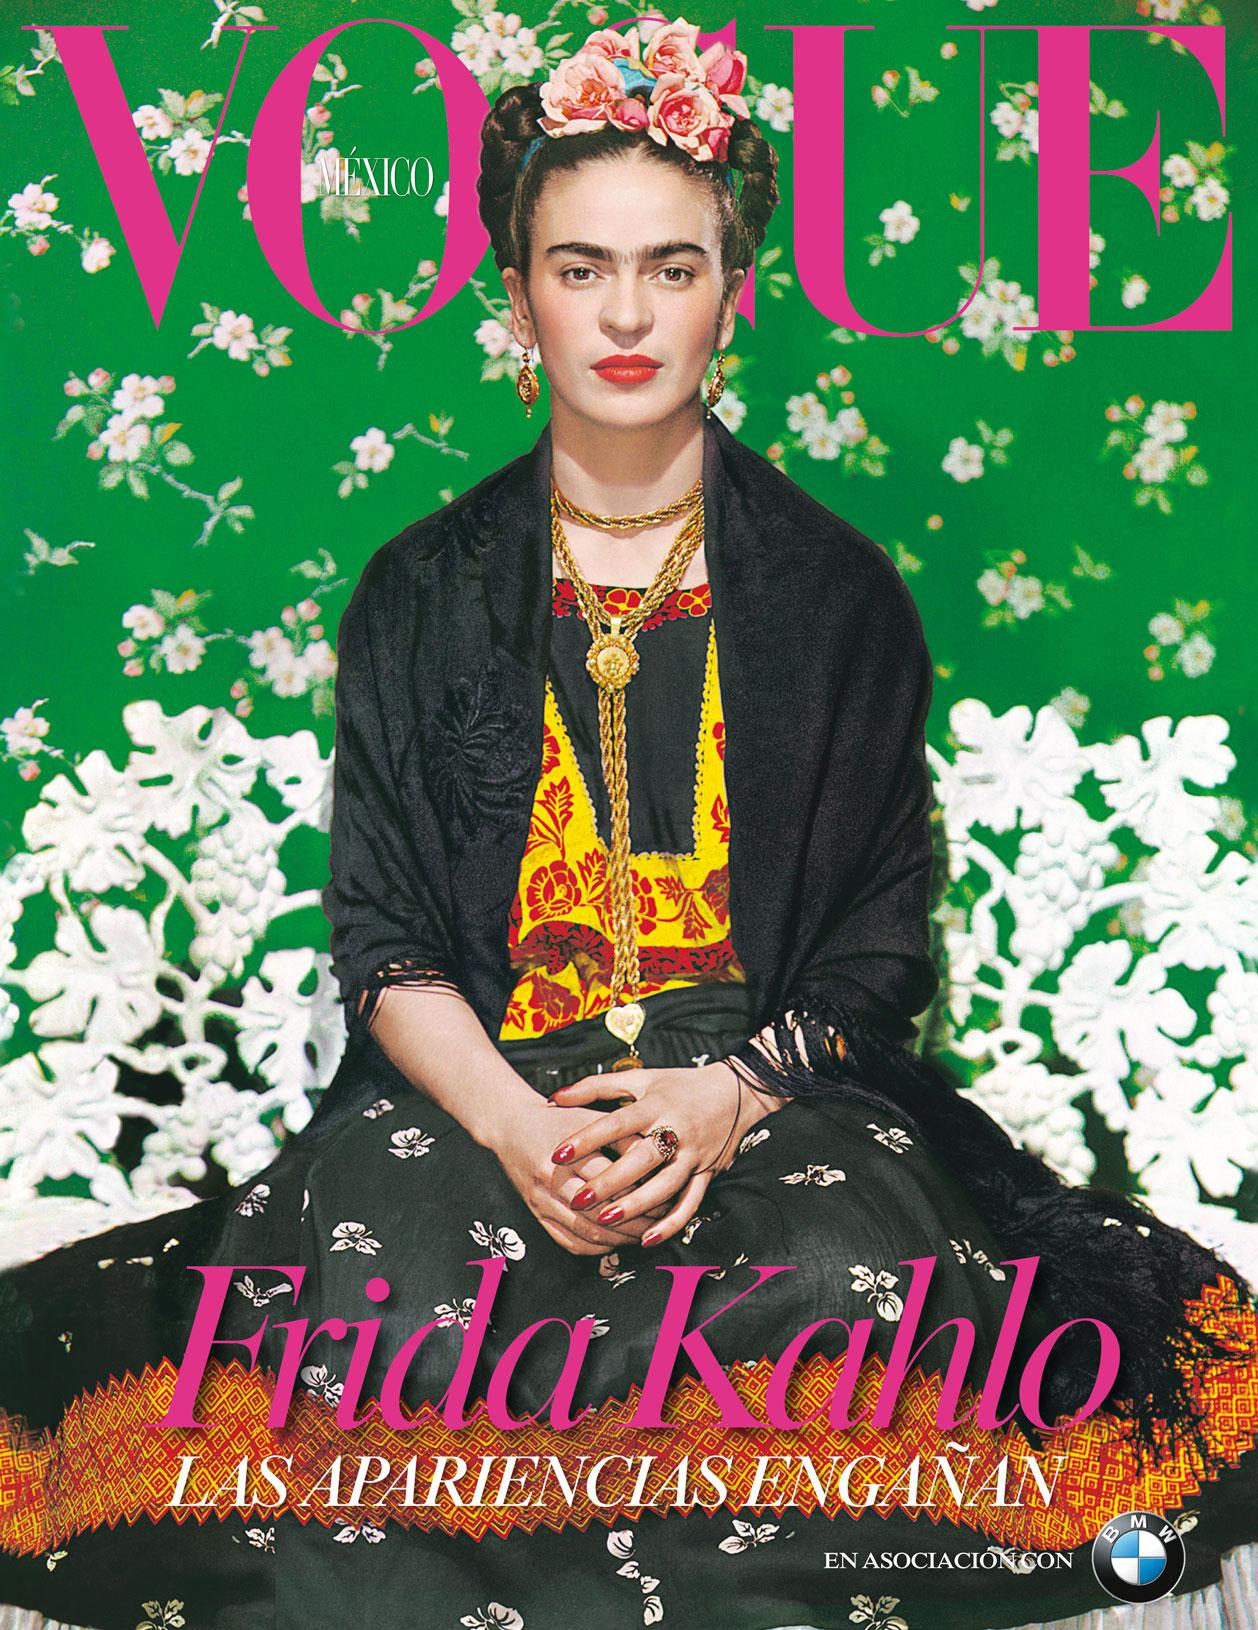 Frida-Kahlo-exposicao-sao-paulo-vogue